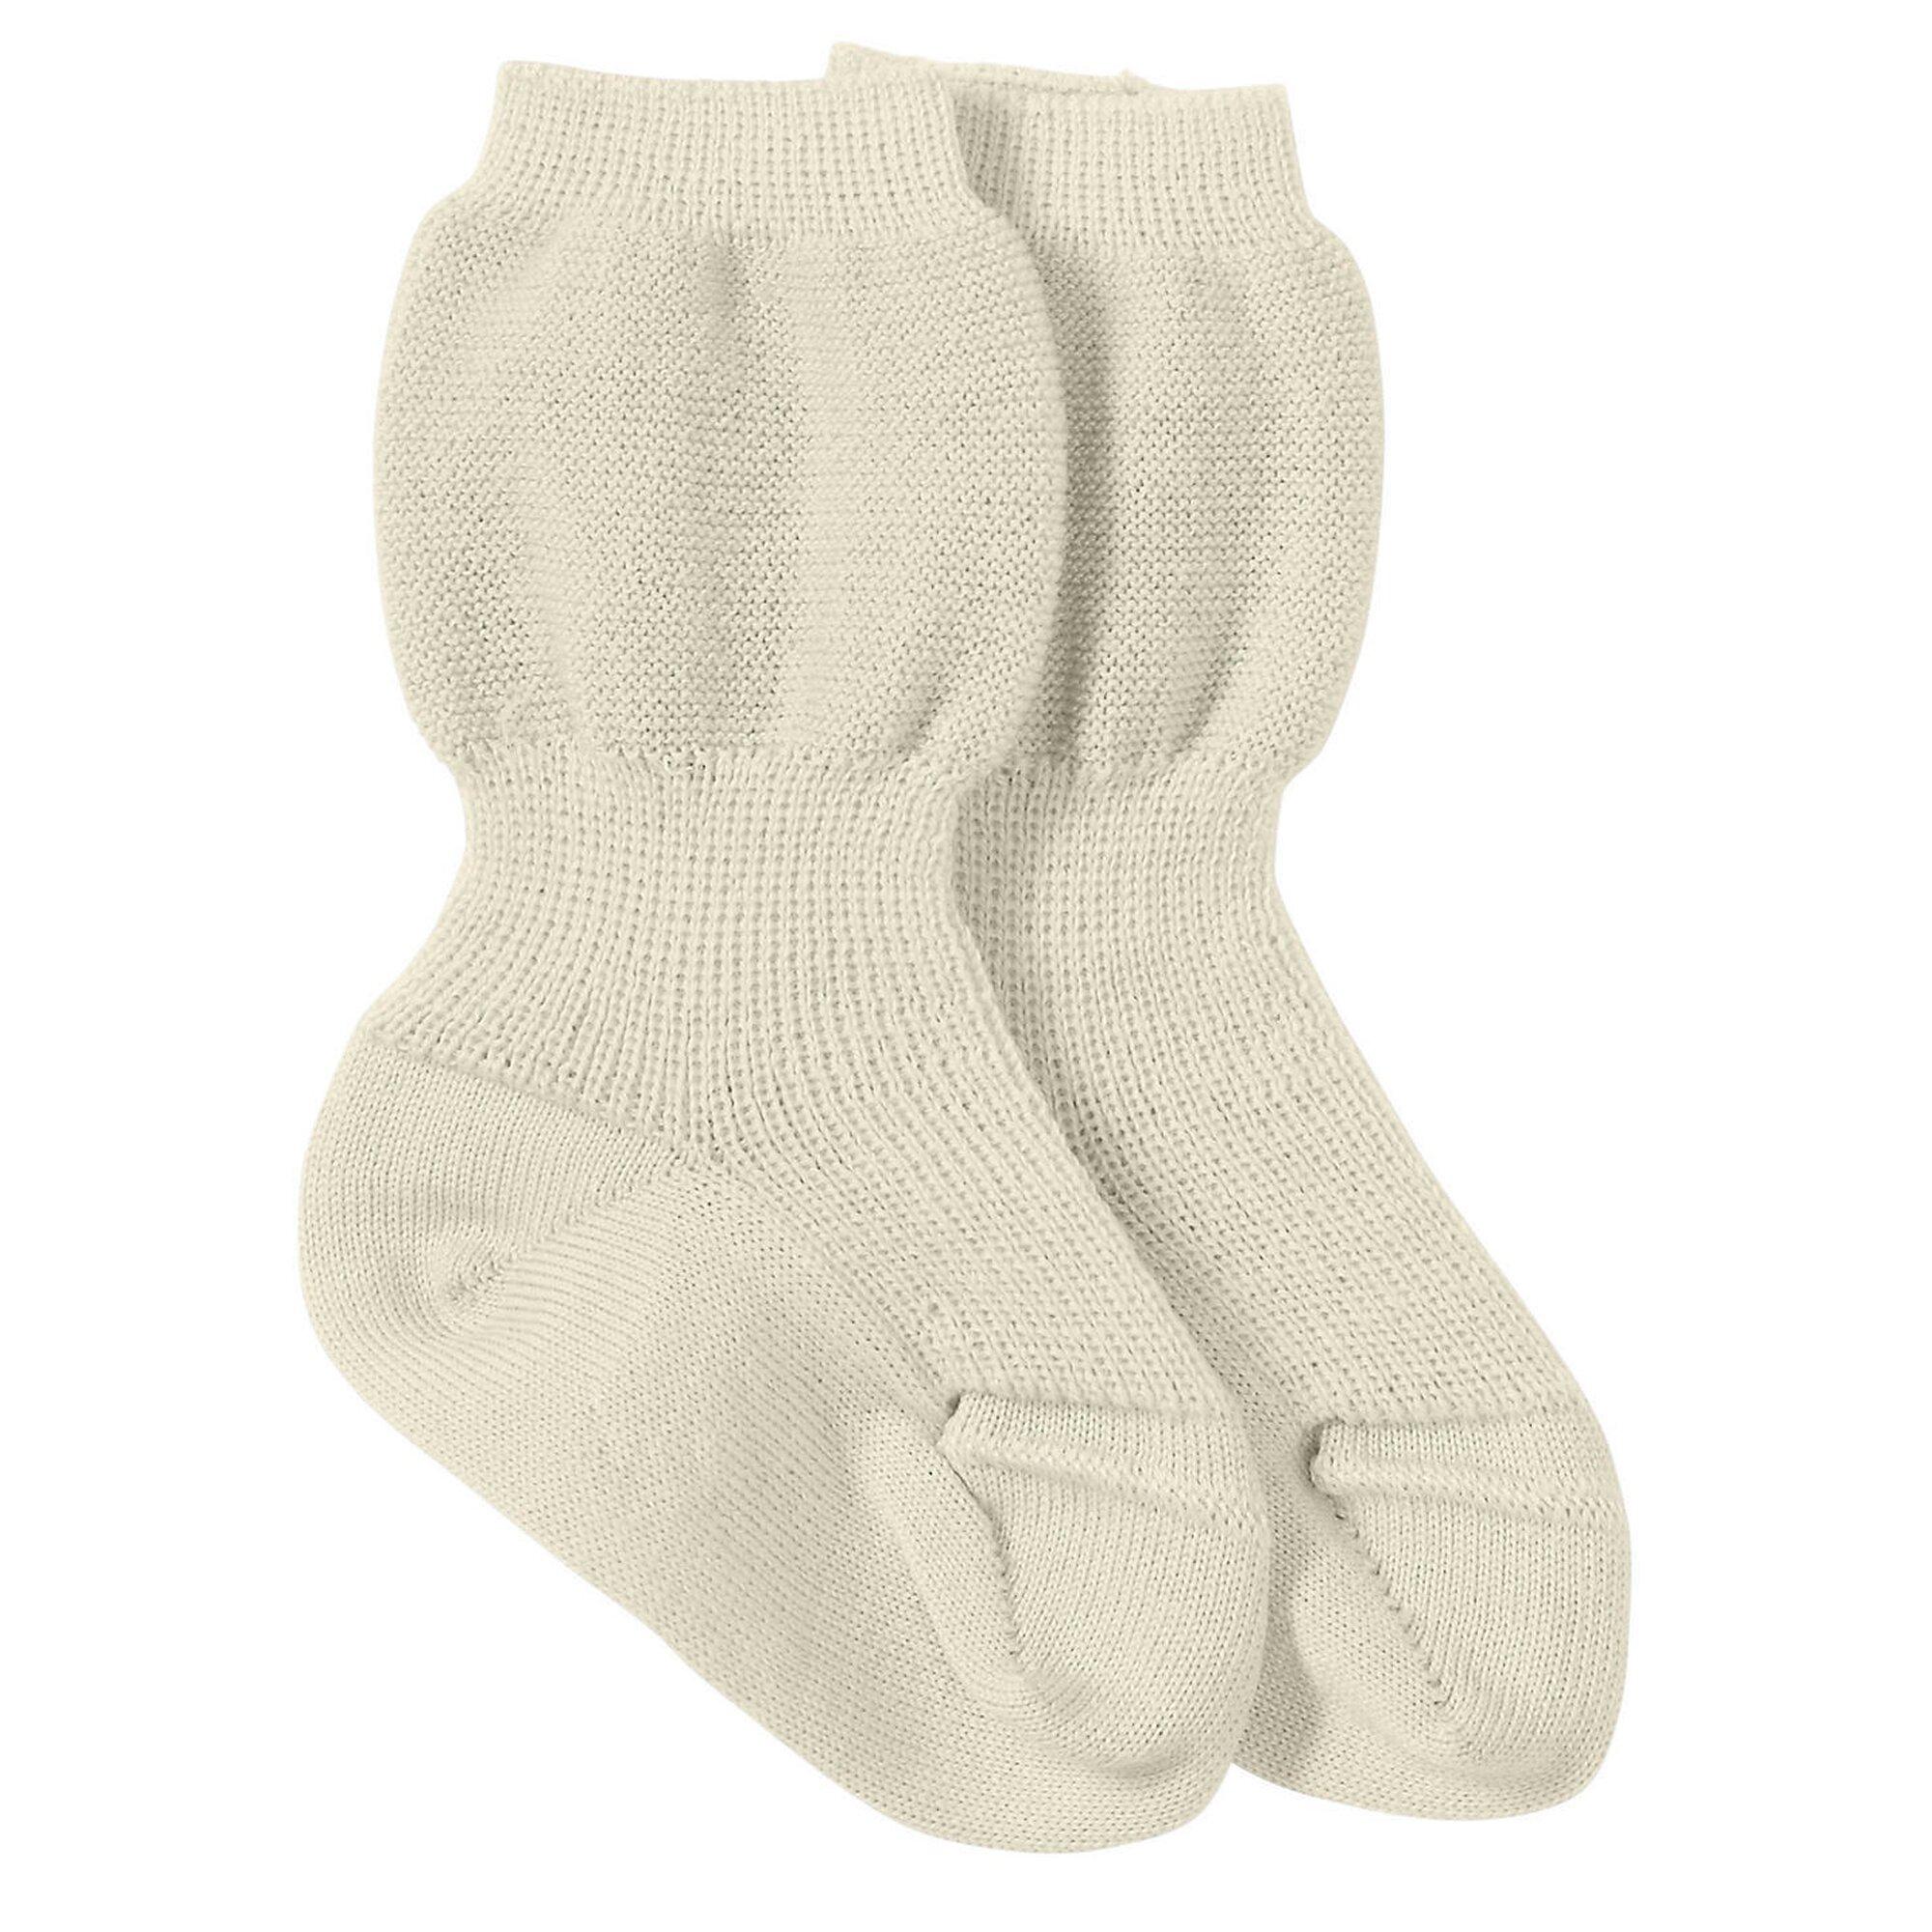 Hessnatur Socke aus reiner Bio-Merinowolle